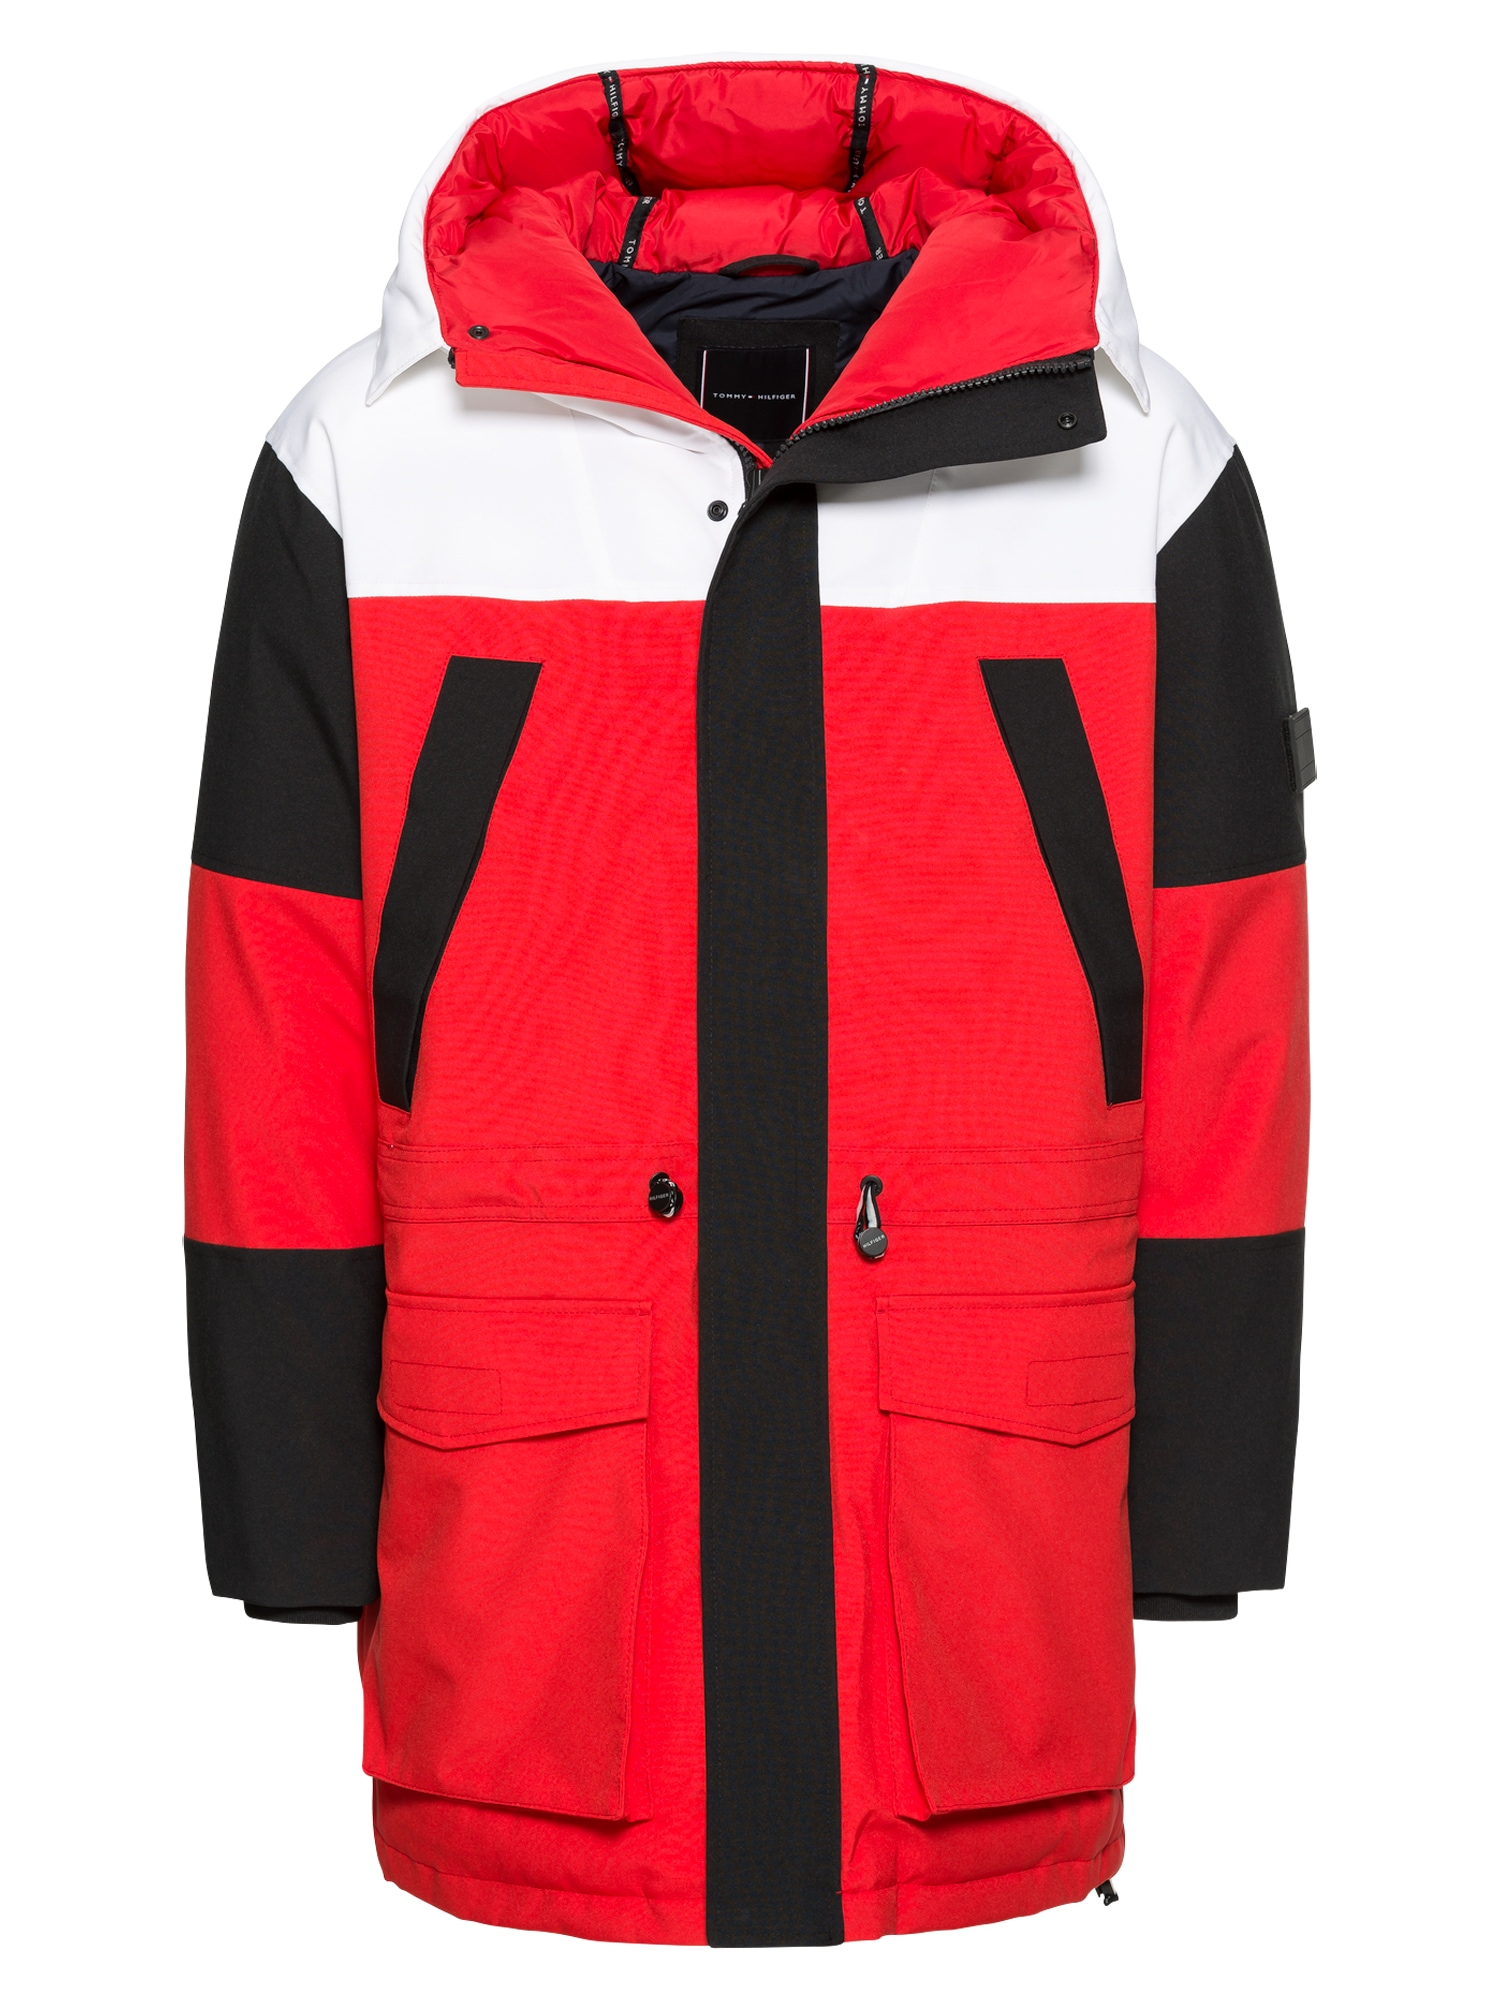 Zimní bunda COLOURBLOCK červená černá bílá TOMMY HILFIGER